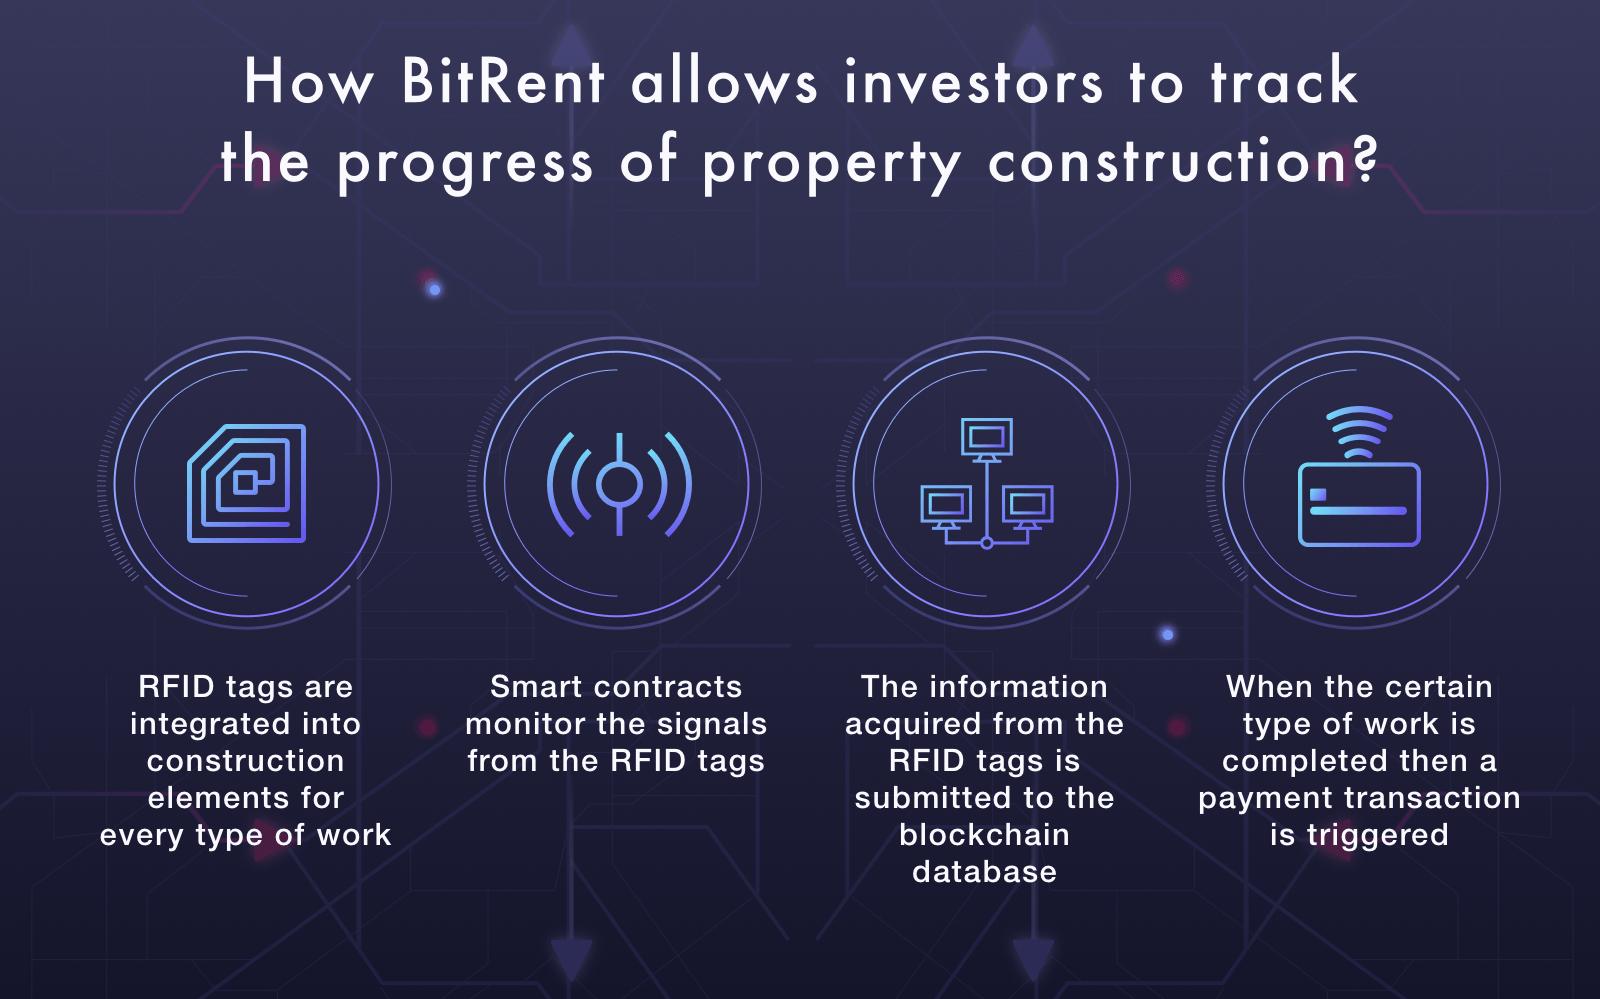 How BitRent real estate blockchain platform works